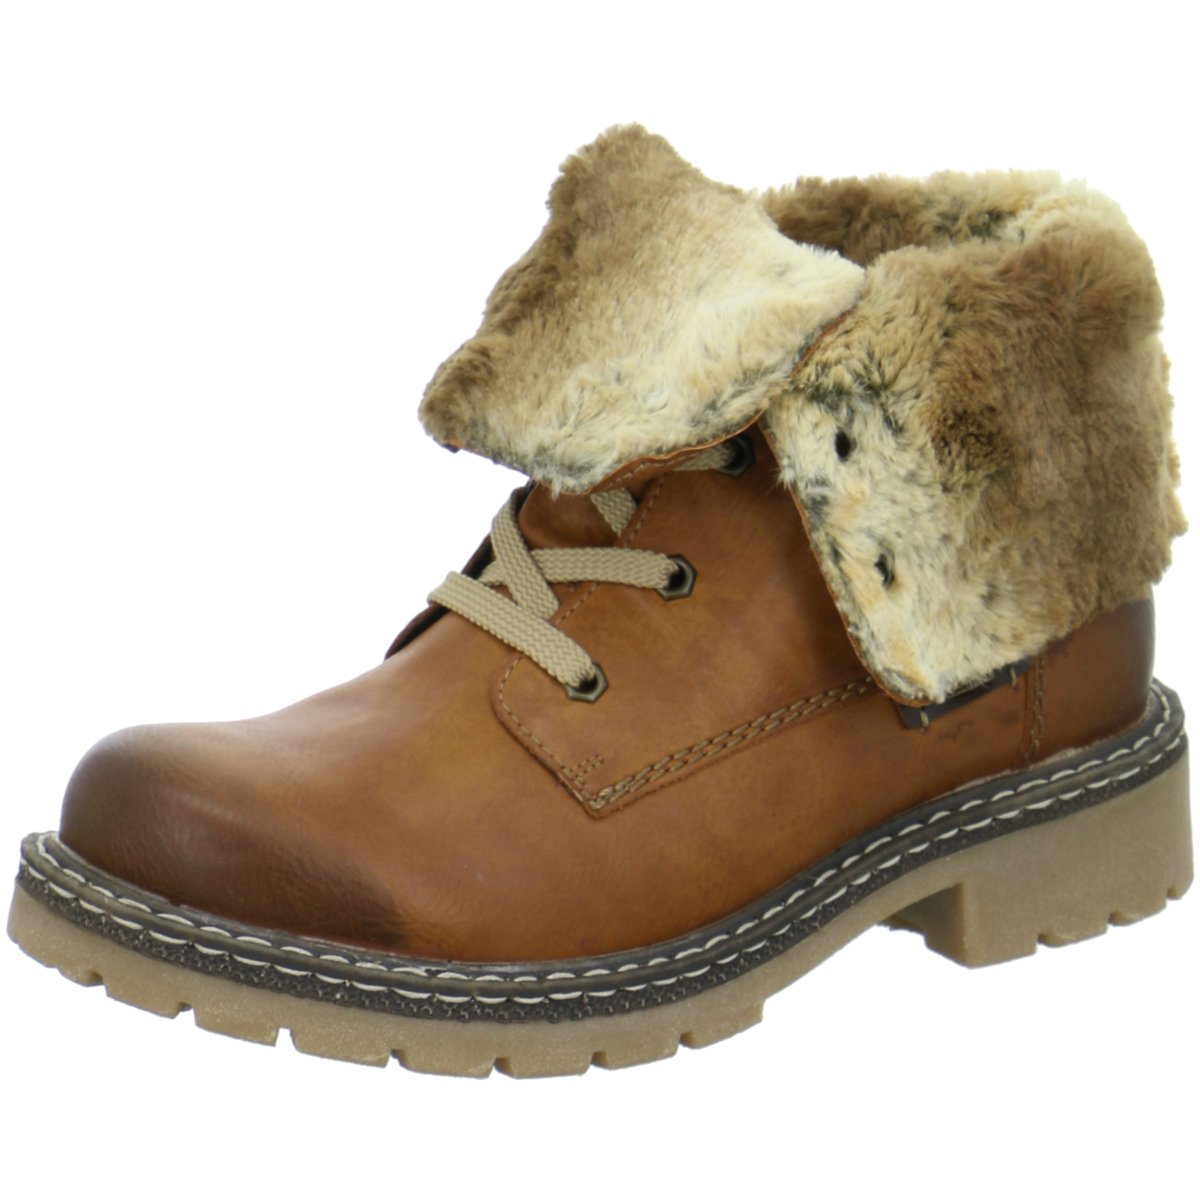 Rieker Damen Stiefeletten Sportlicher Stiefel Y1421-25 braun 179952